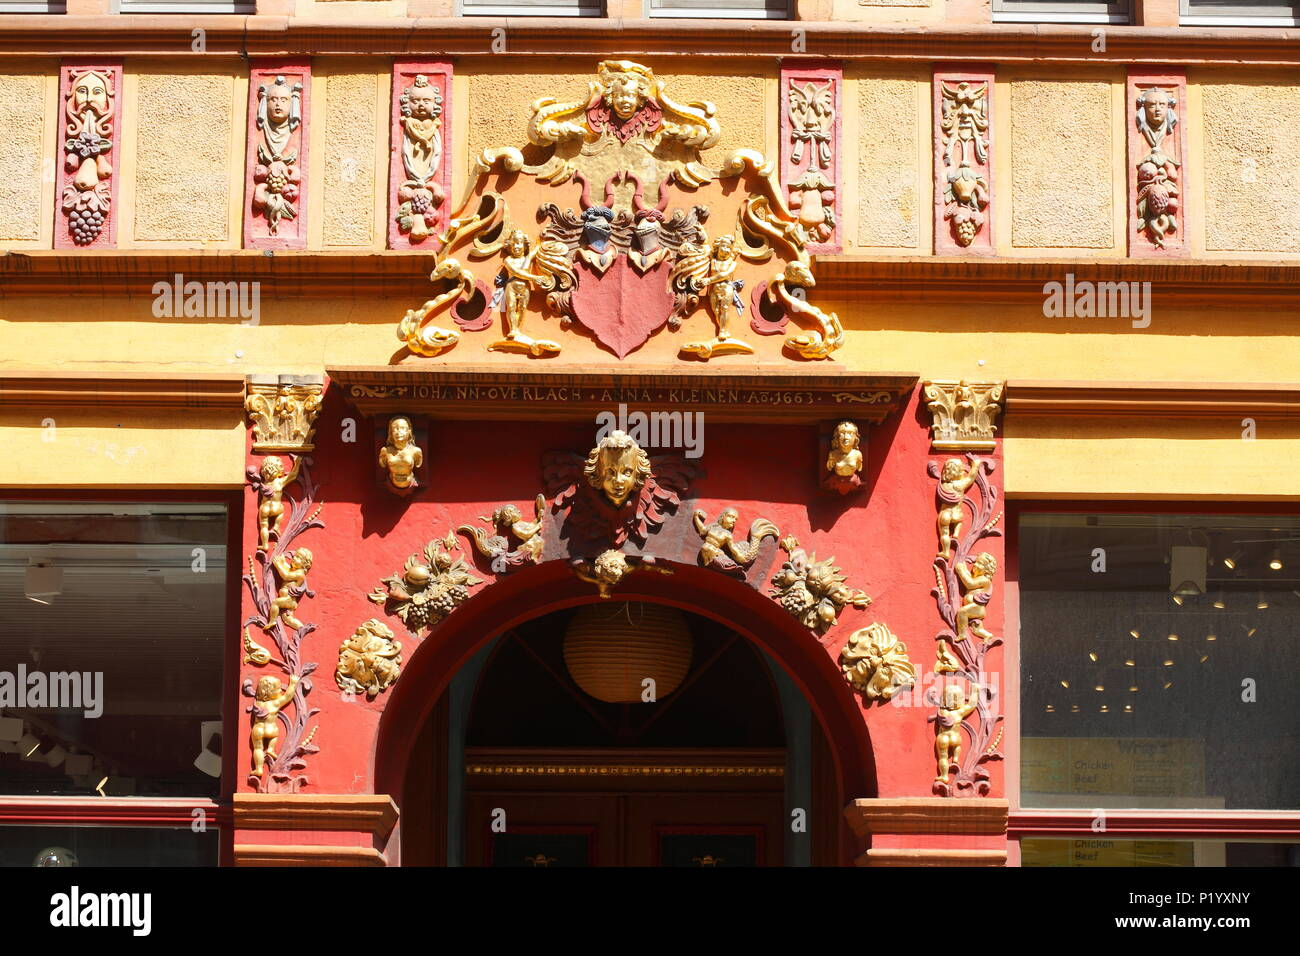 Stil der alten Tür Veranda in Lavesstraße, Hannover, Niedersachsen, Deutschland, Europa ich Altes verziertes Türportal in der Lavesstraße, Hannover, NiedersacStockfoto